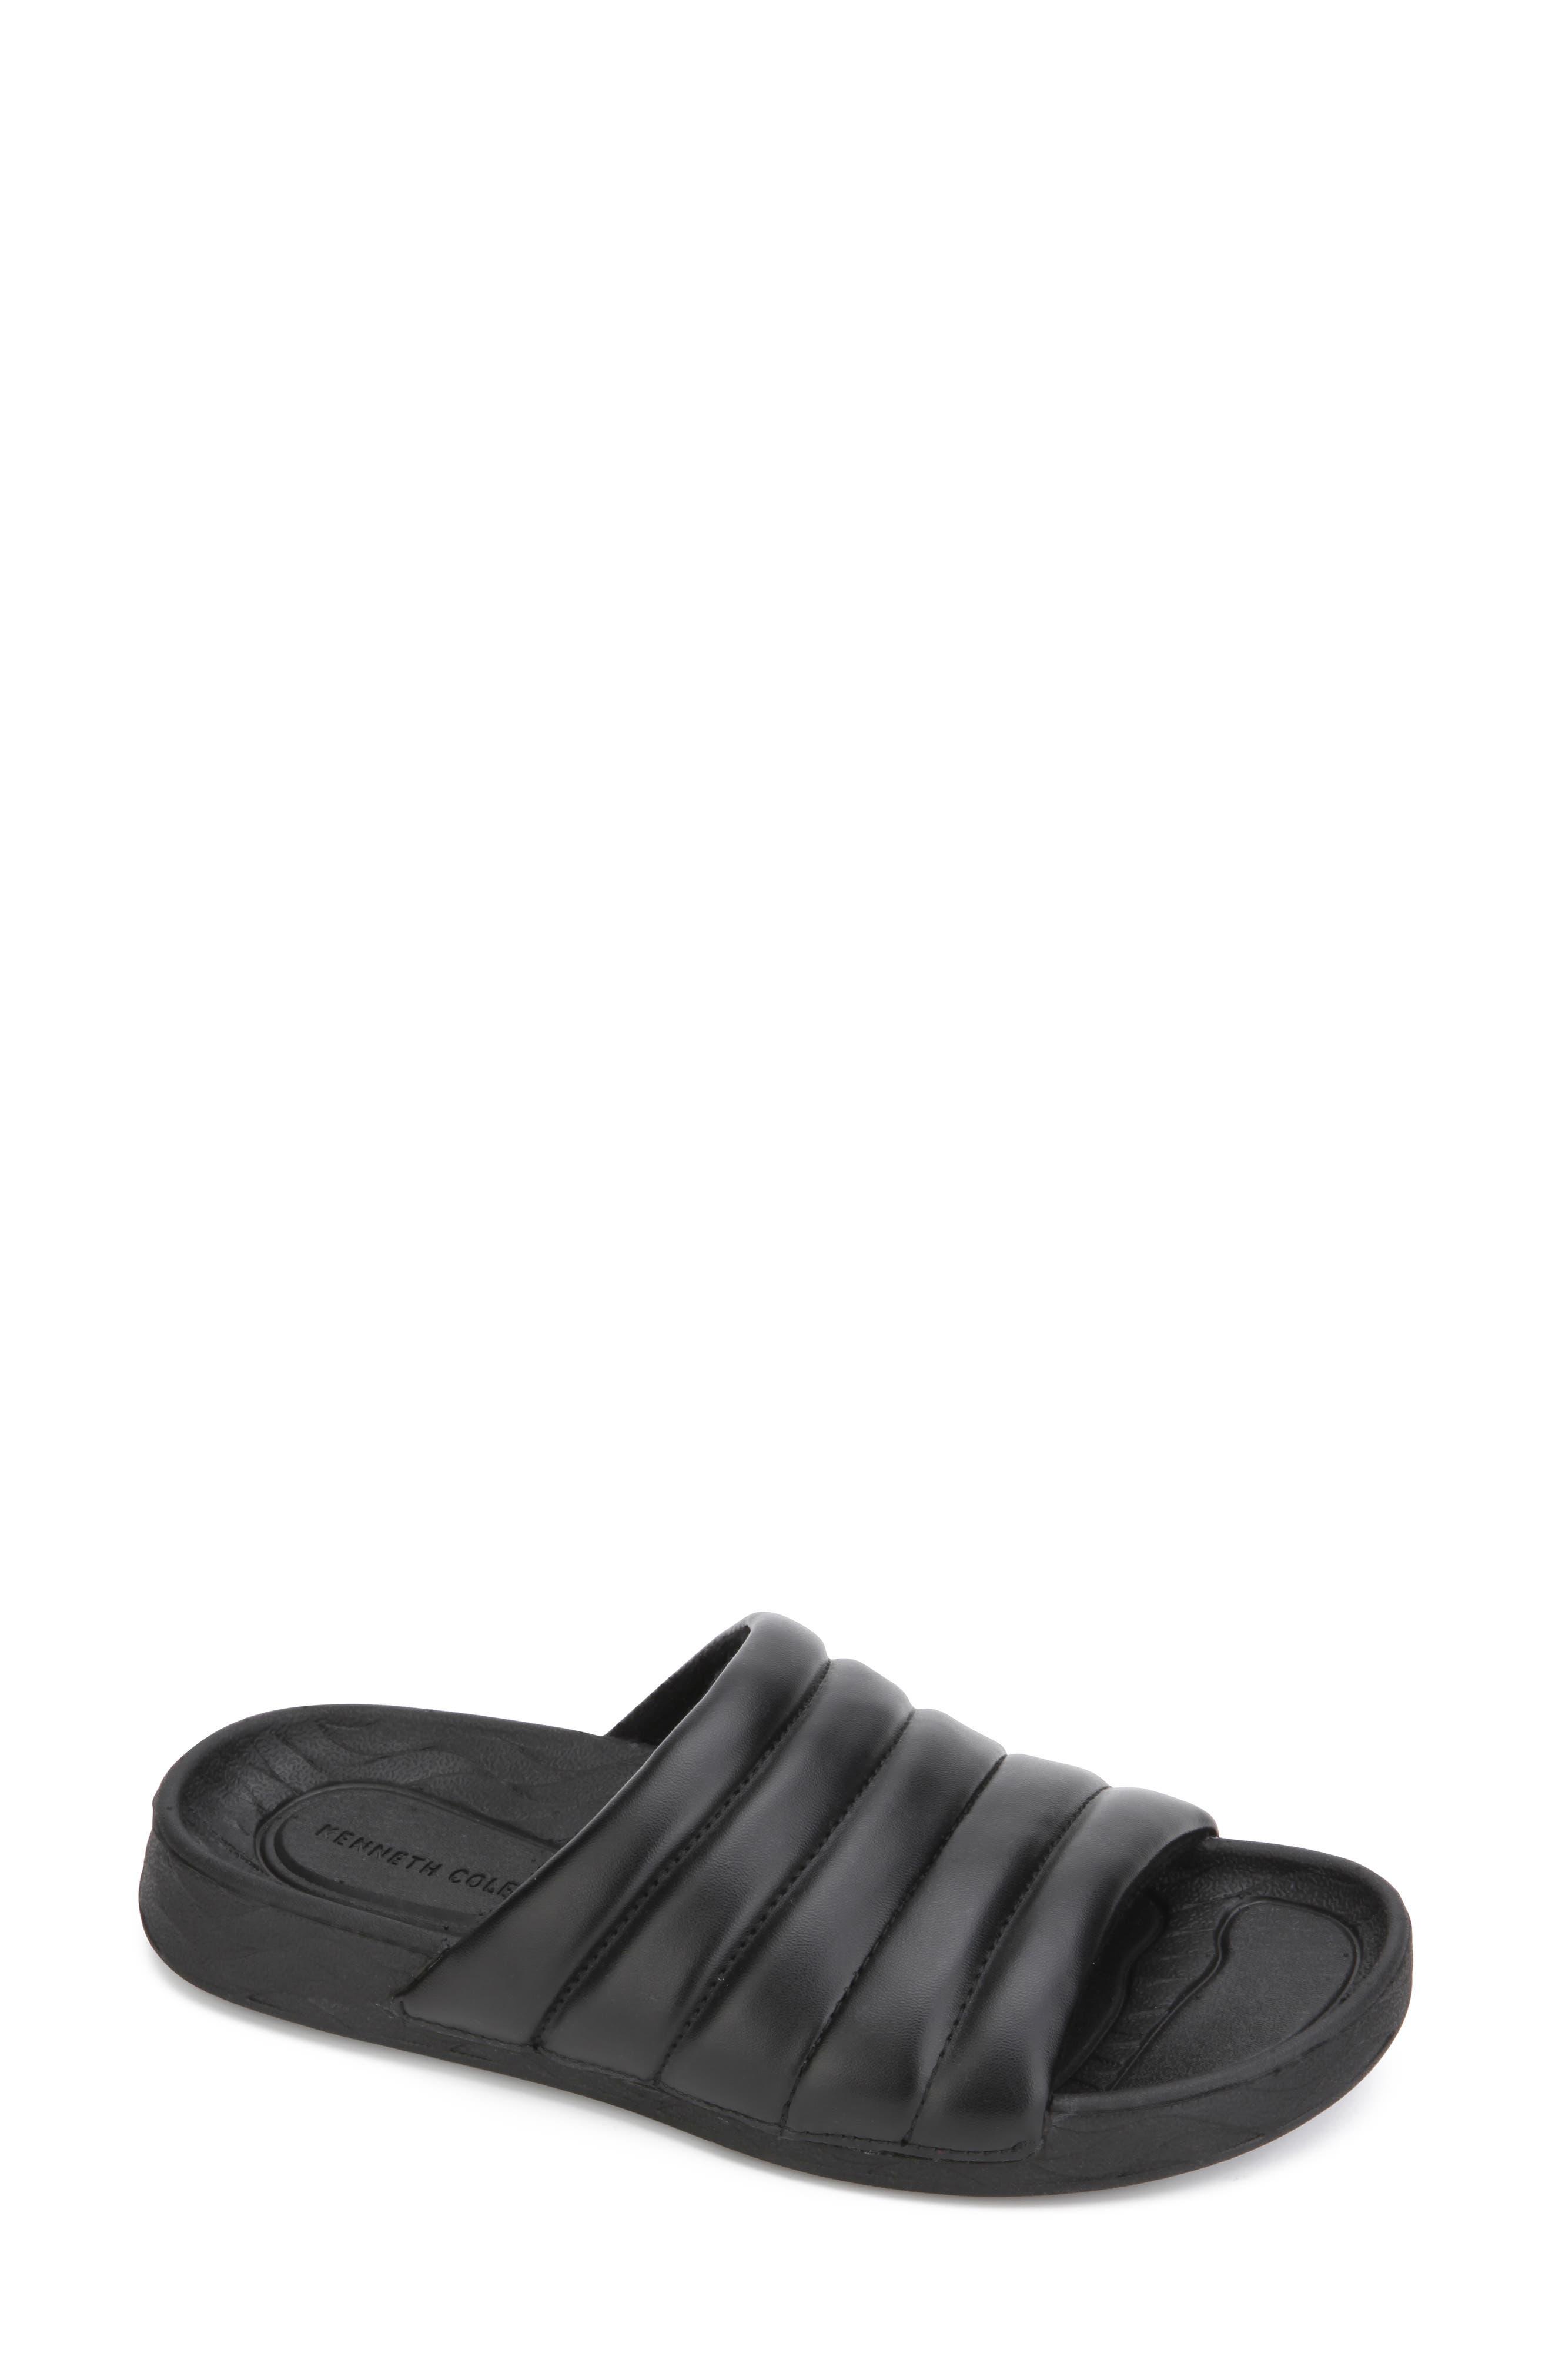 Nova Quilted Slide Sandal